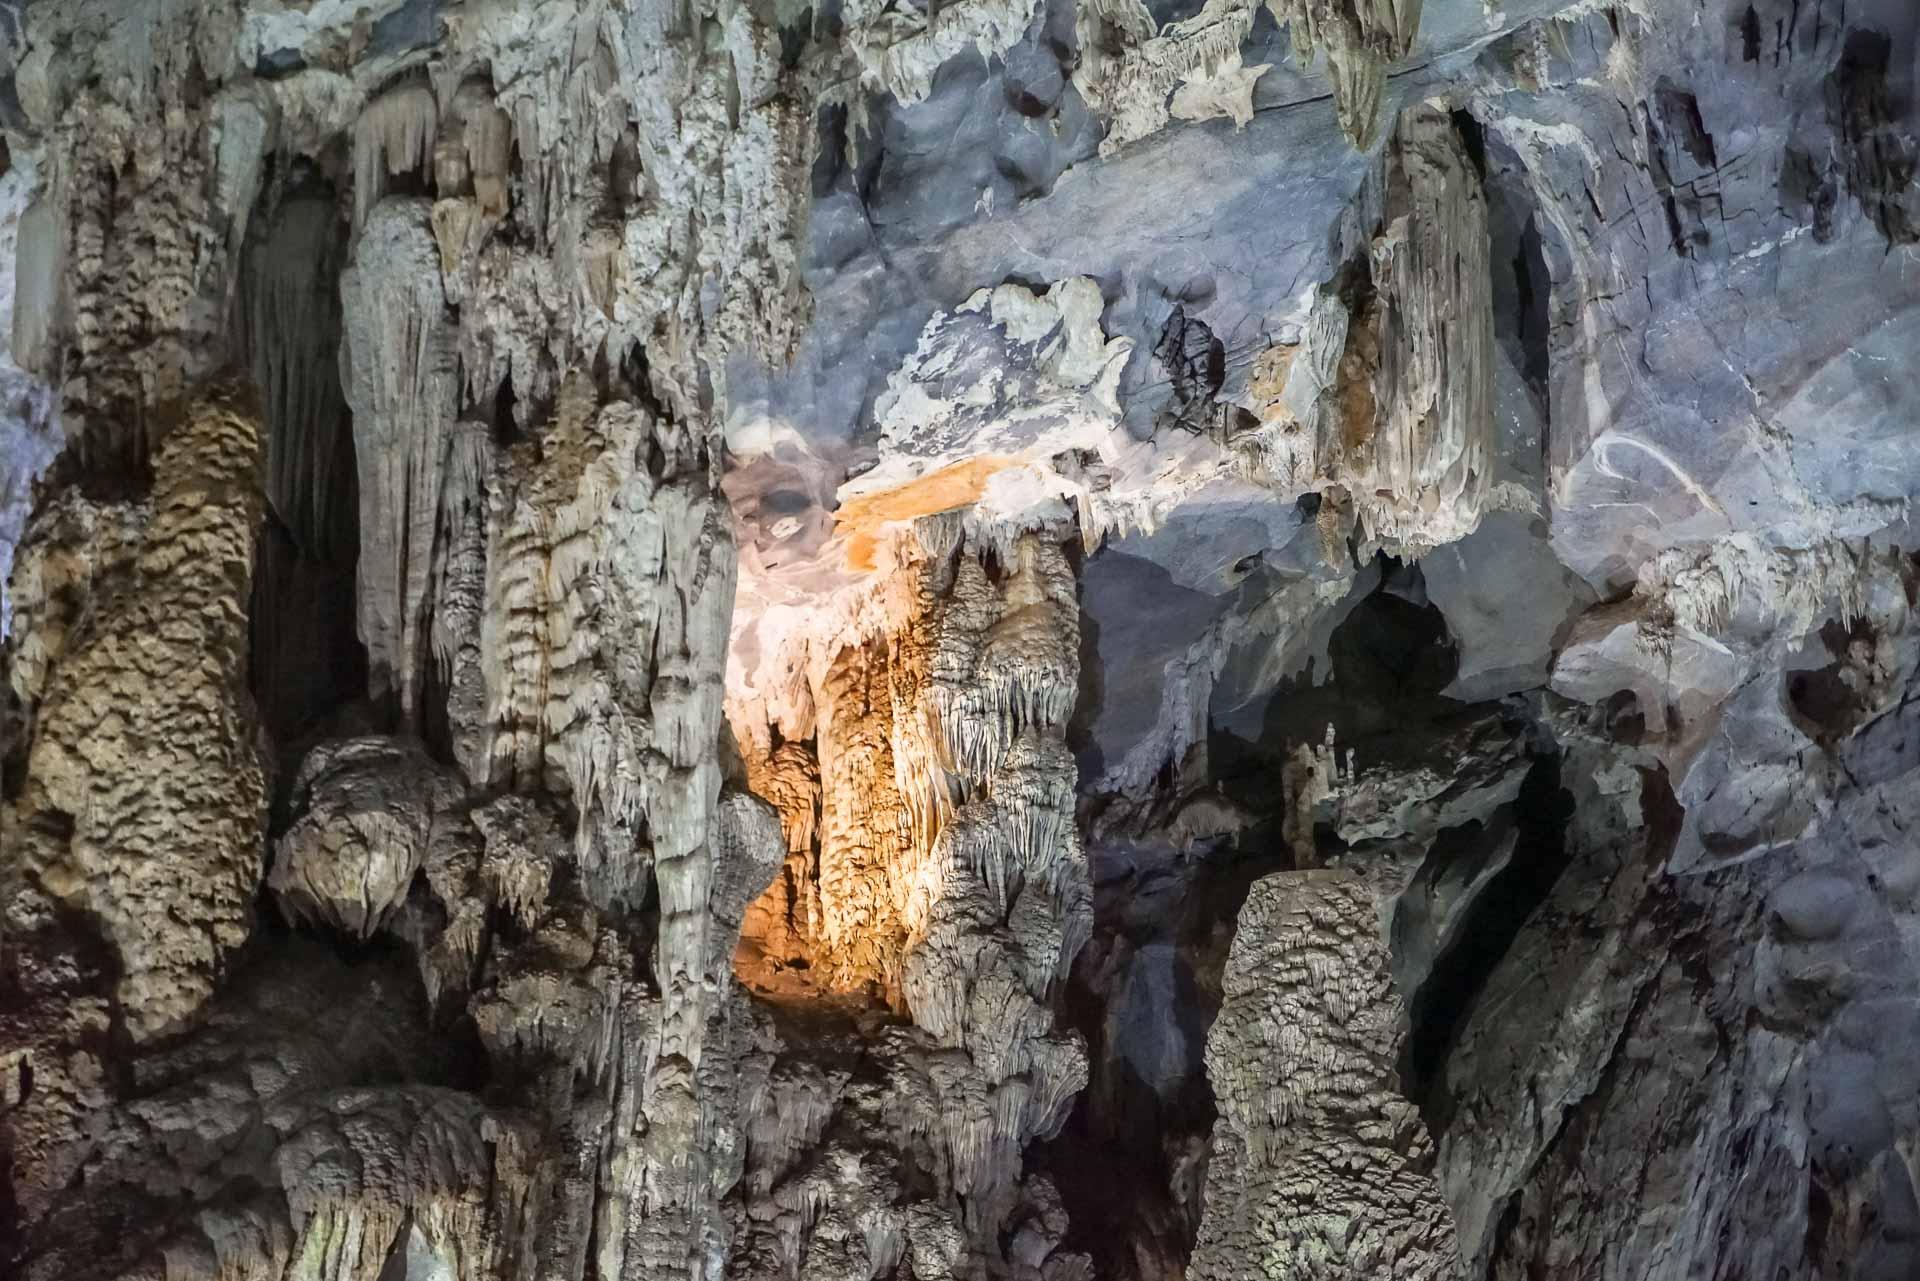 LesVoyageuses-Vietnam-Phong-Nha-Caves-Nature-60